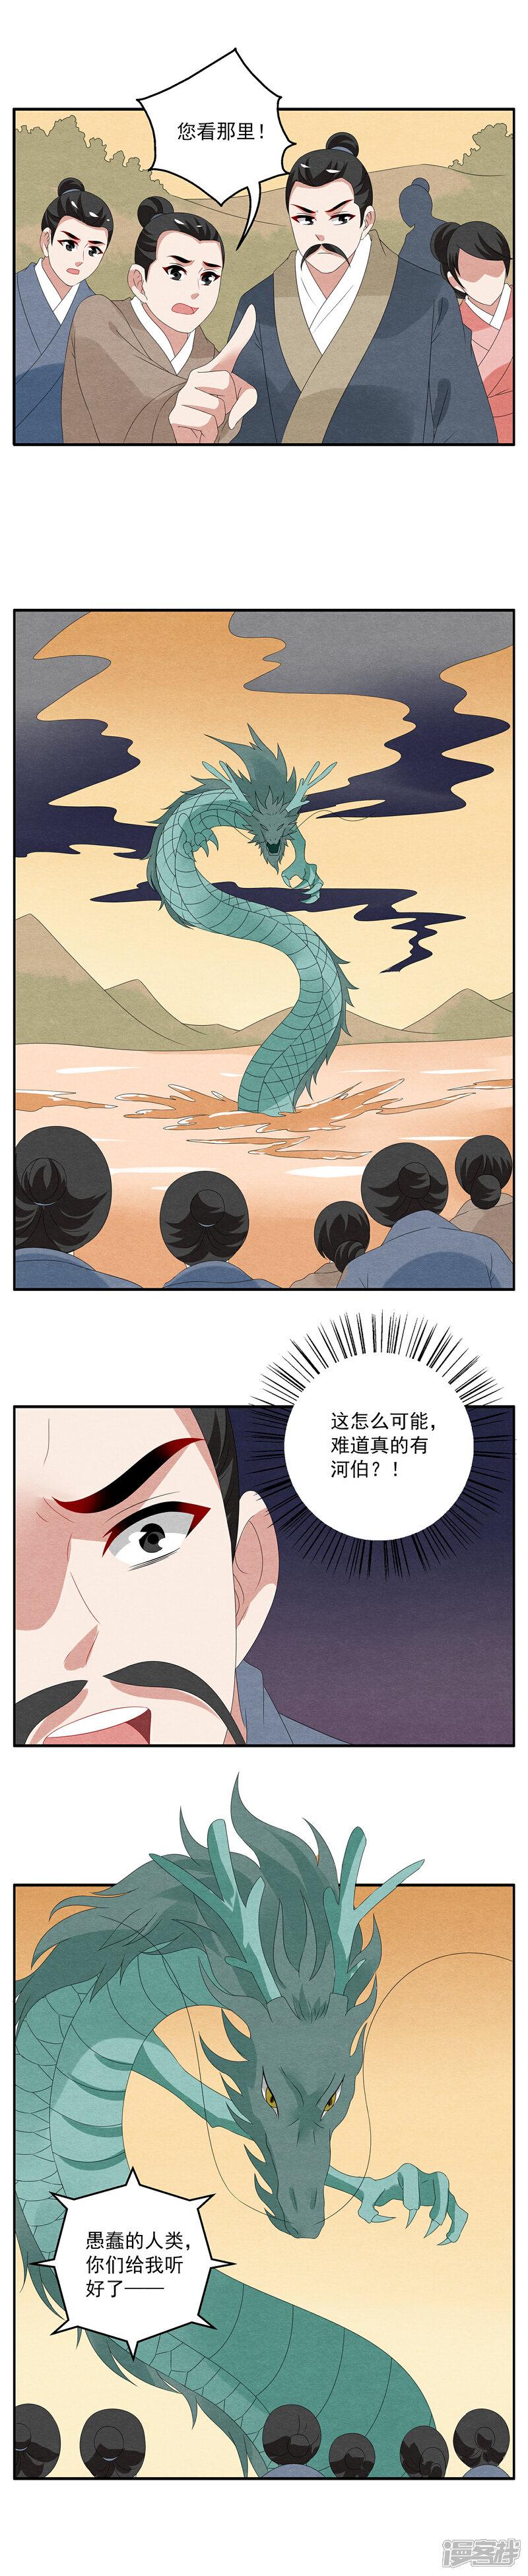 洛小妖112 (3).JPG